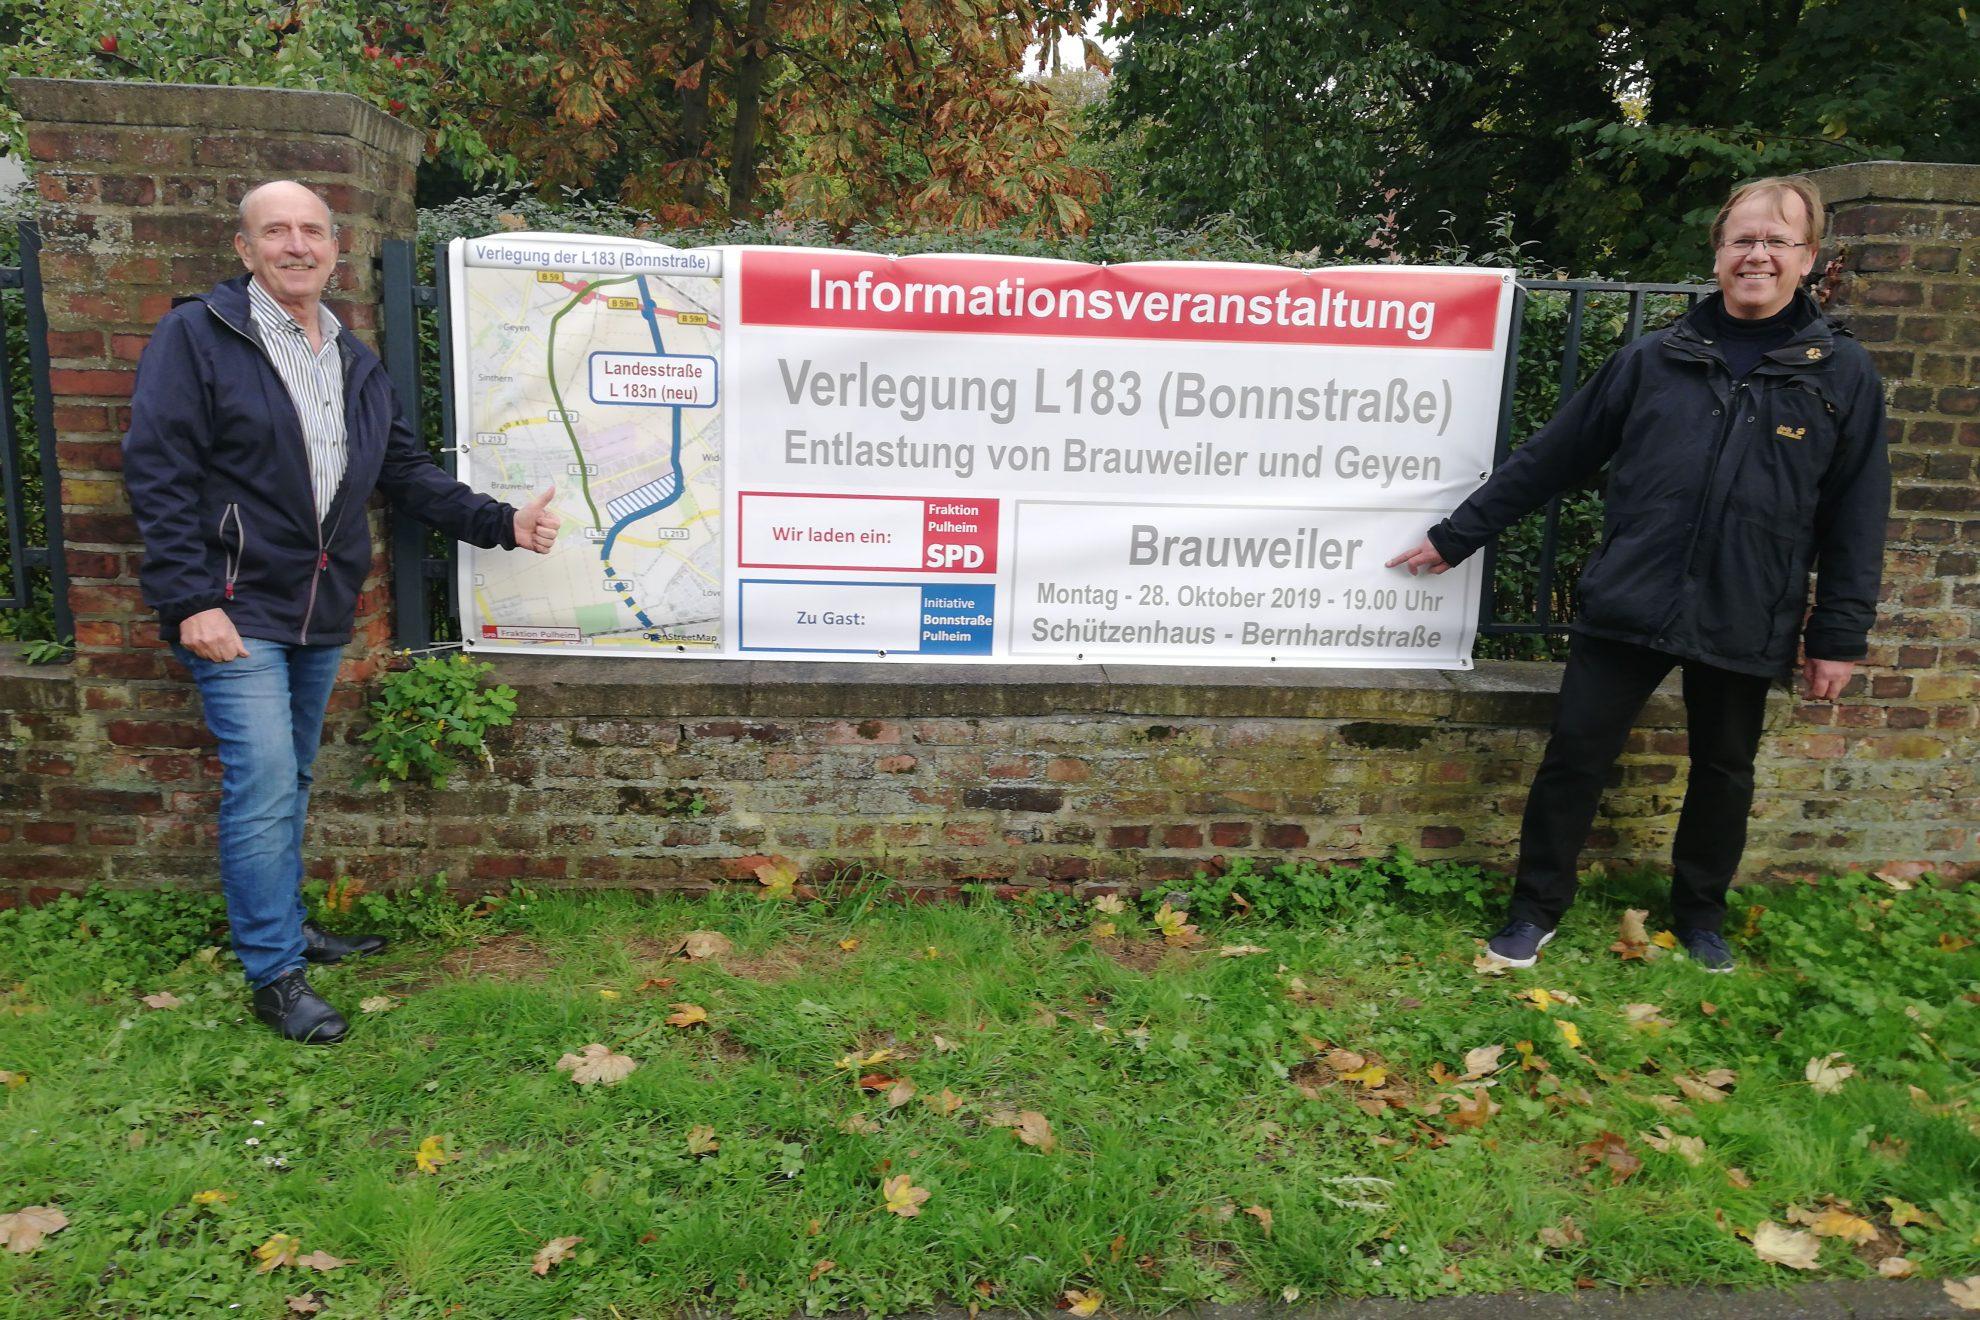 Walter Lugt und Elmar Brix mit dem Banner zur Invoveranstaltung Bonnstraße